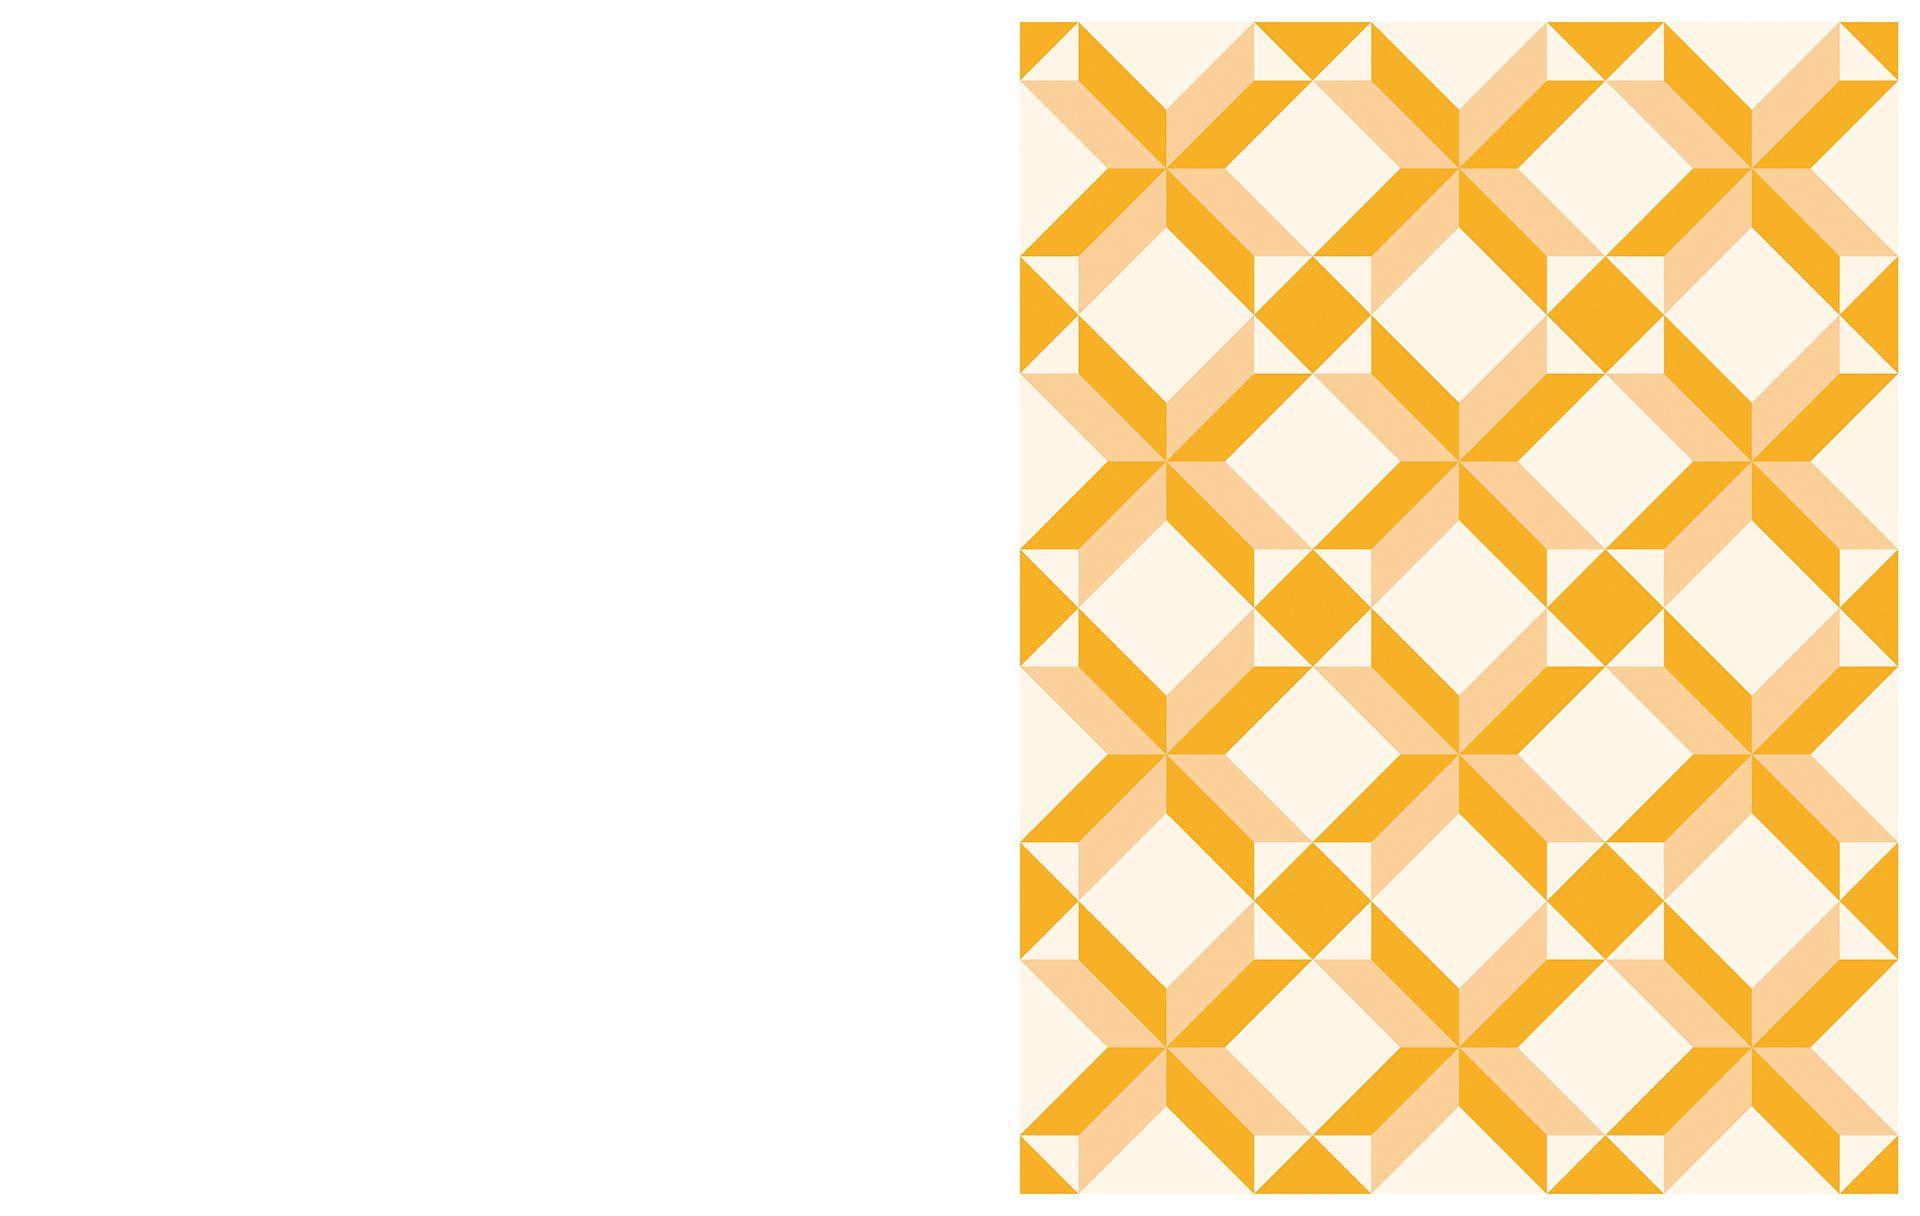 Kit Lambe Lambe Ladrilho Amarelo - Quarto - Móveis e objetos de design assinado - Entrega em todo o Brasil